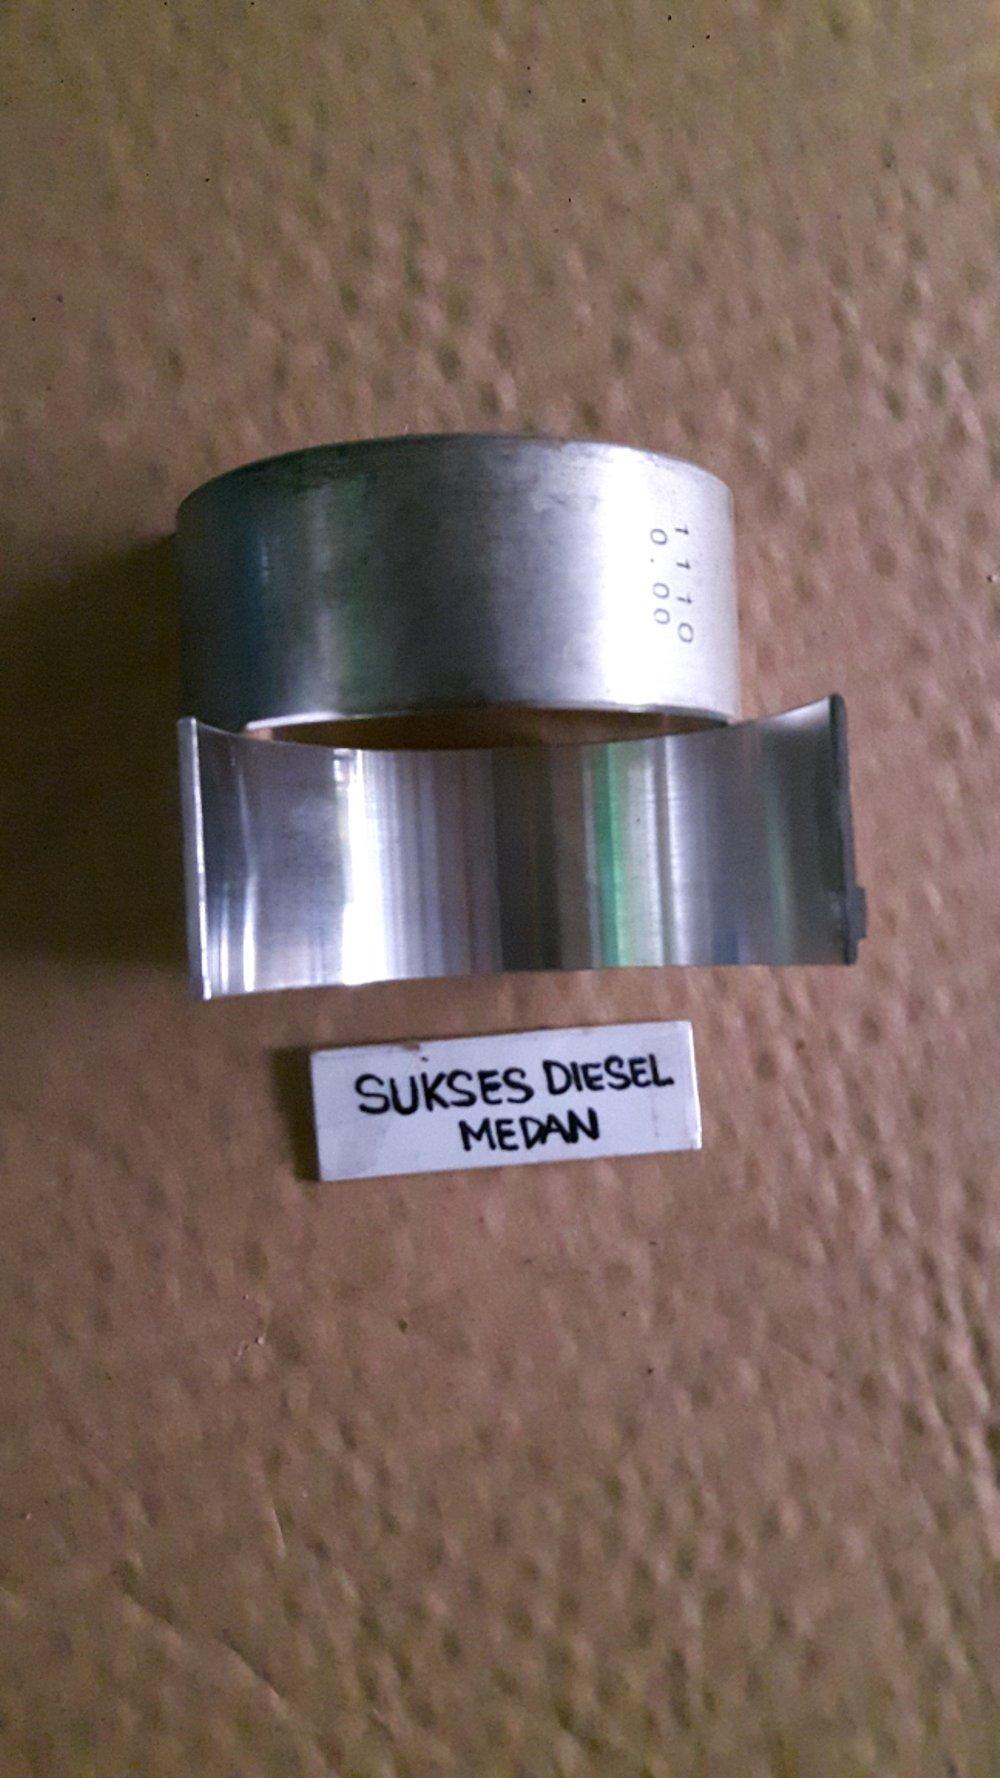 S1110 CRANK PIN METAL METAL JALAN MENTALAN RAUN MESIN DIESEL DONGFENG STANDART 00